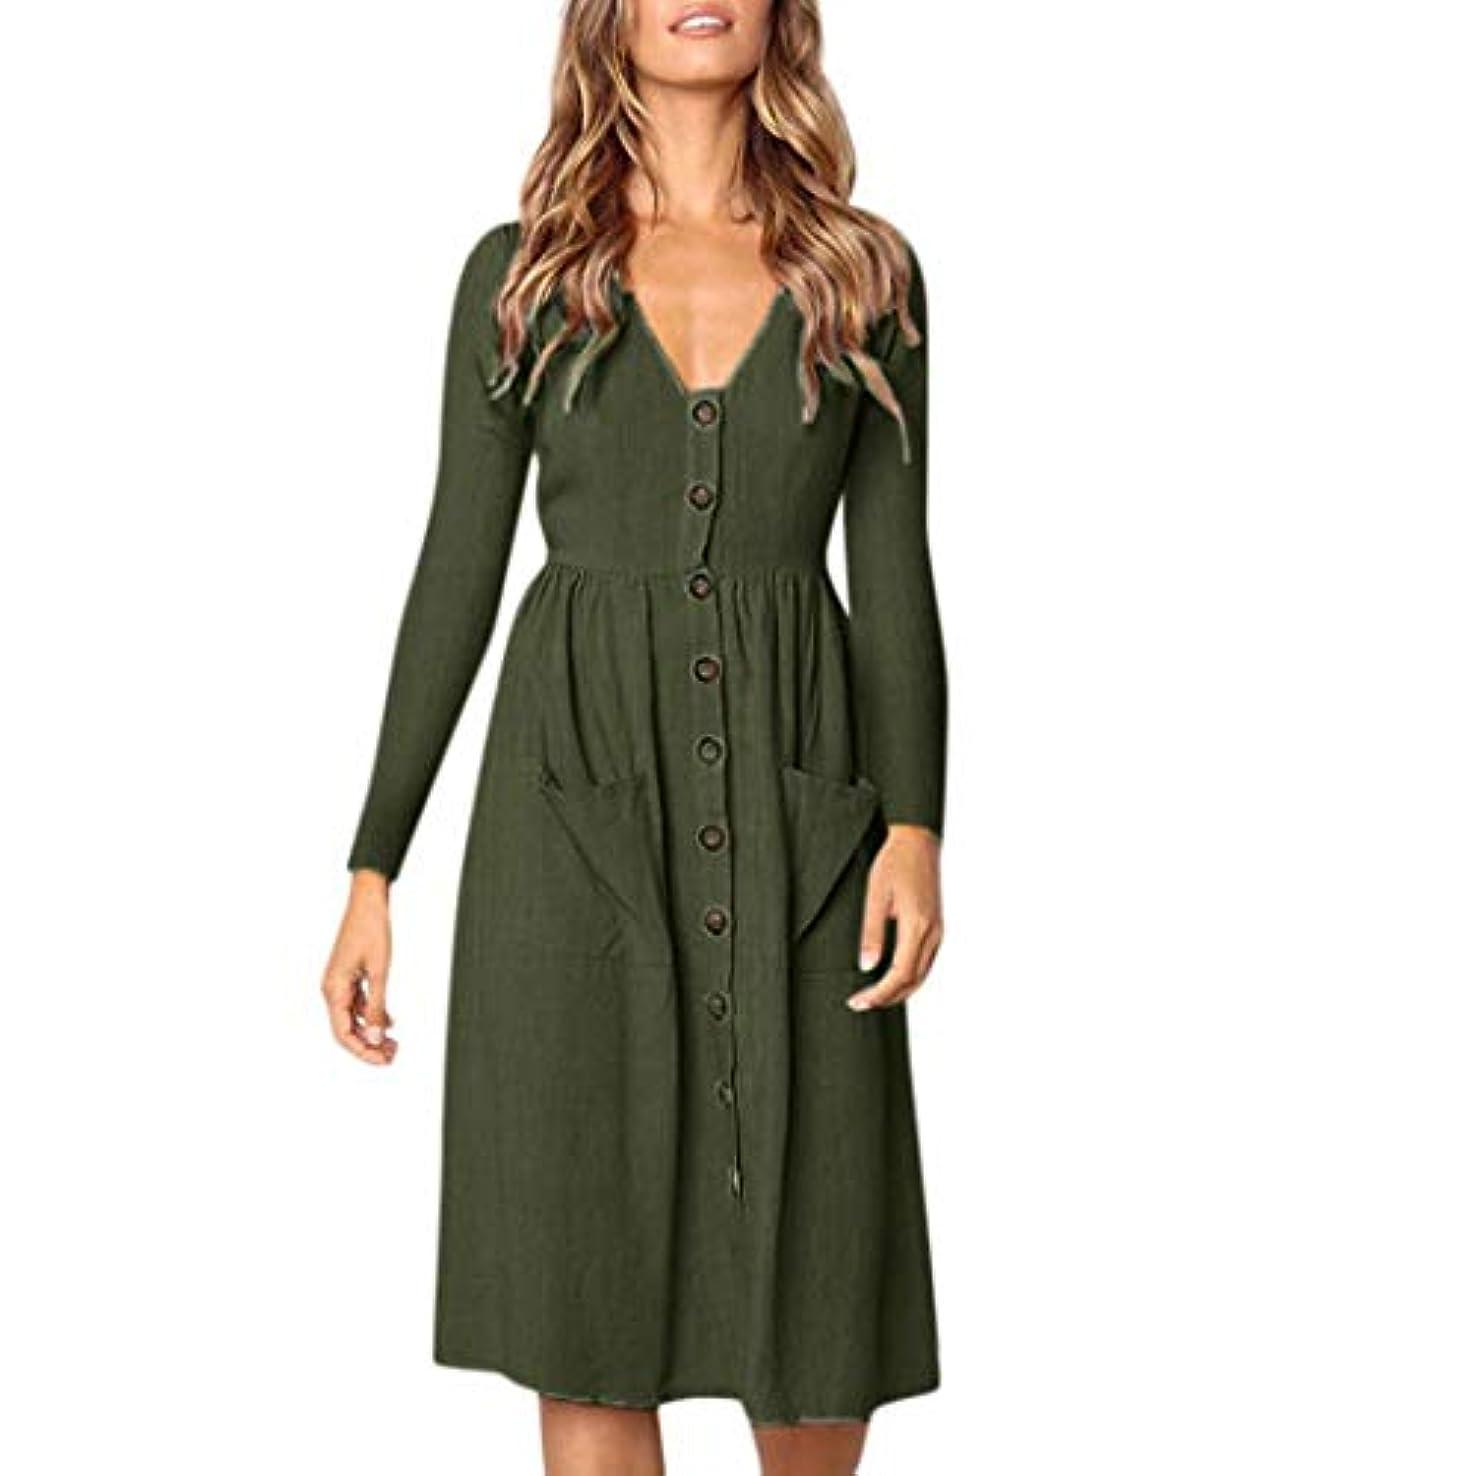 ソーセージ瞑想カプセルSakuraBest Women V Neck Button Dress Long Sleeve Pocket Dress for Summer Aytumn